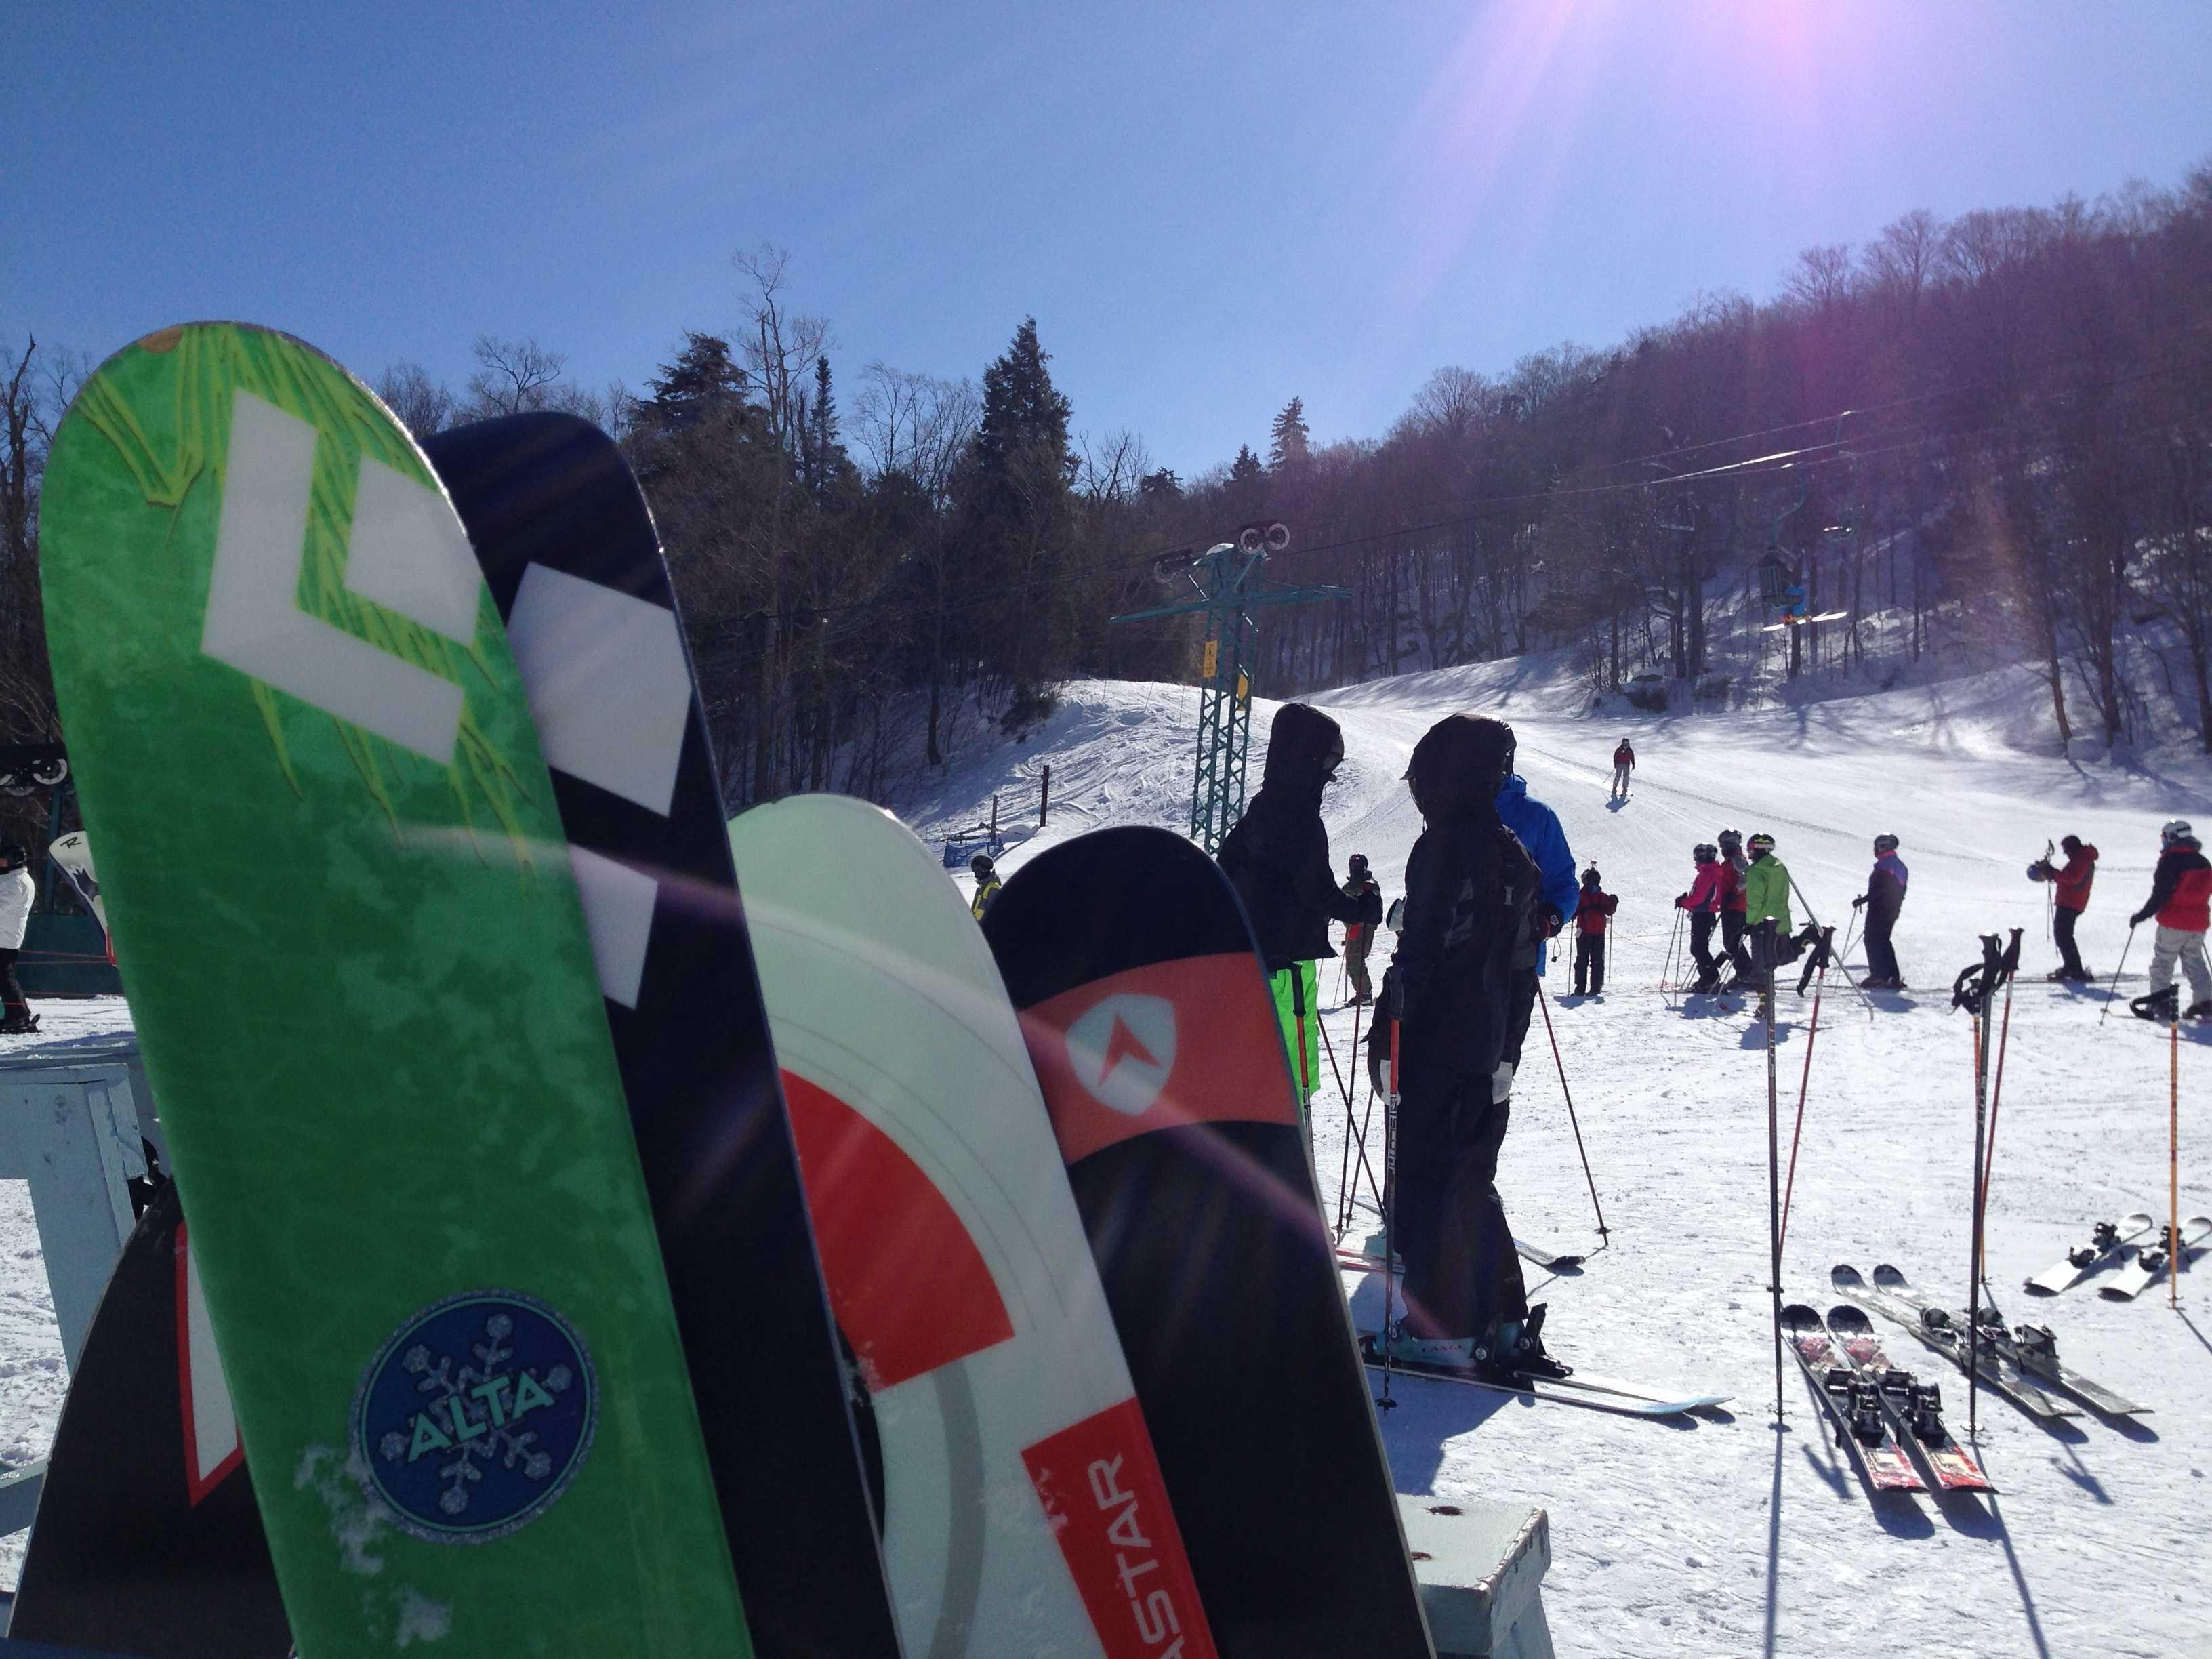 Police Investigating Death at Killington Ski Resort